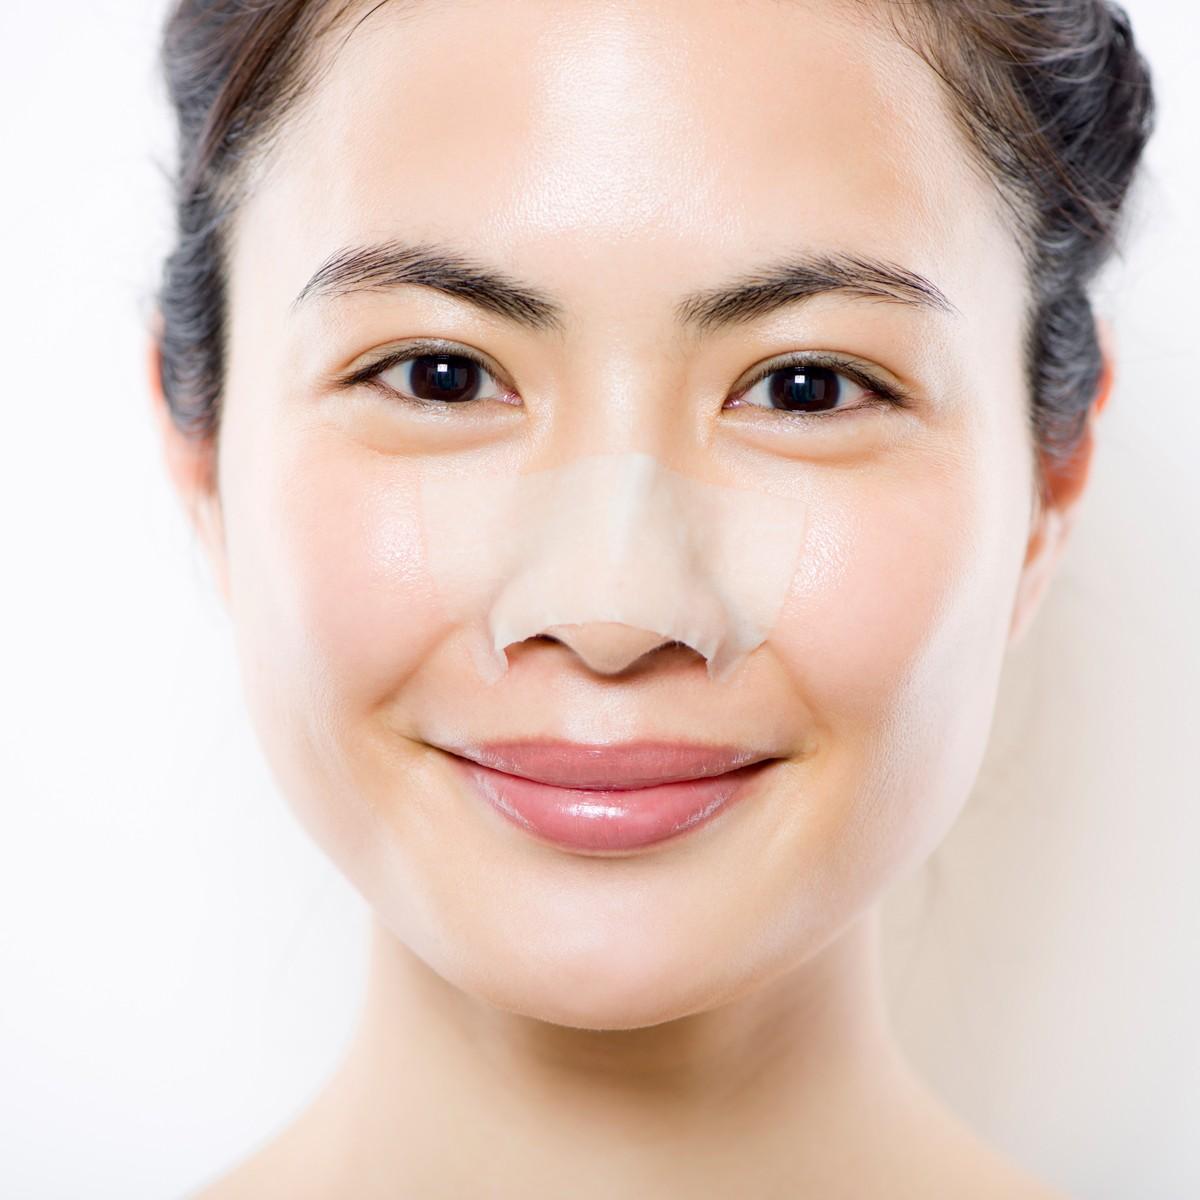 油分と水分のバランス調節がカギ! 「皮脂」毛穴に最適なケア方法を教えます_1_1